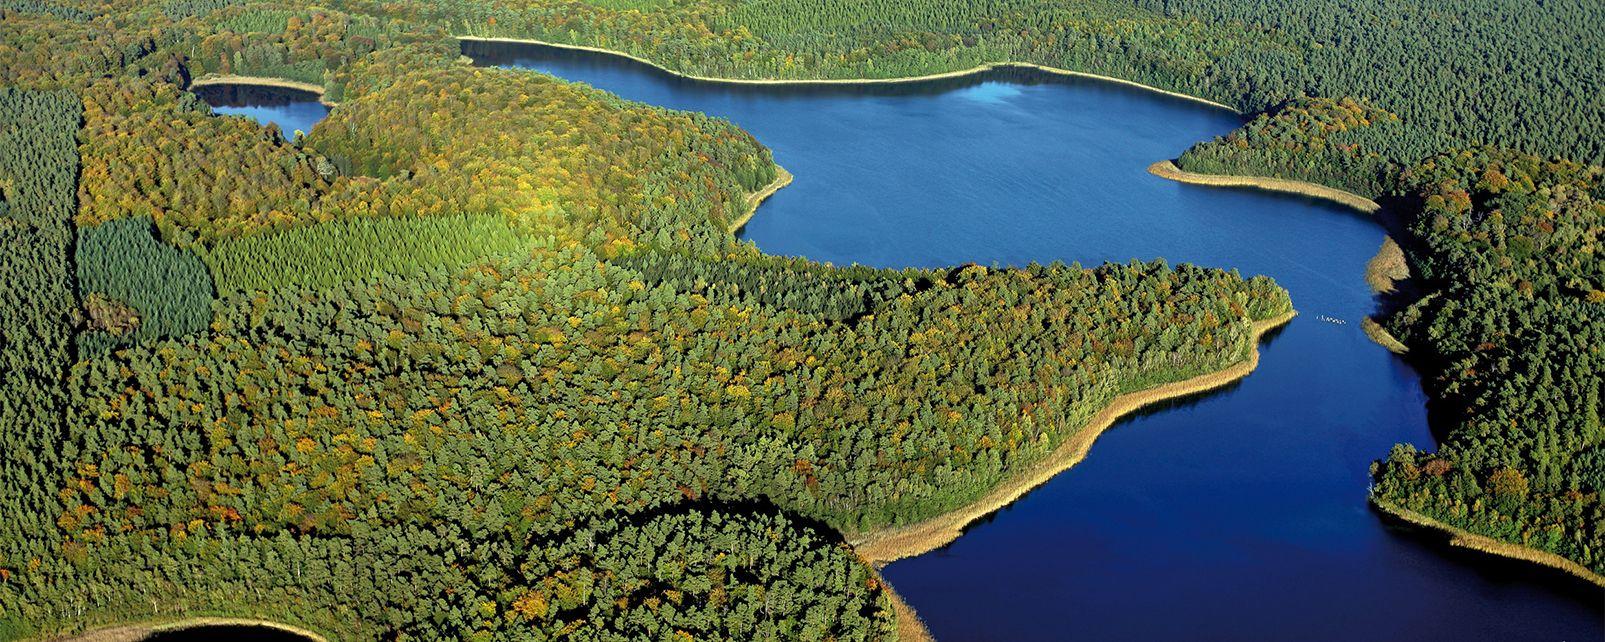 Le Parc national de la Müritz , Allemagne